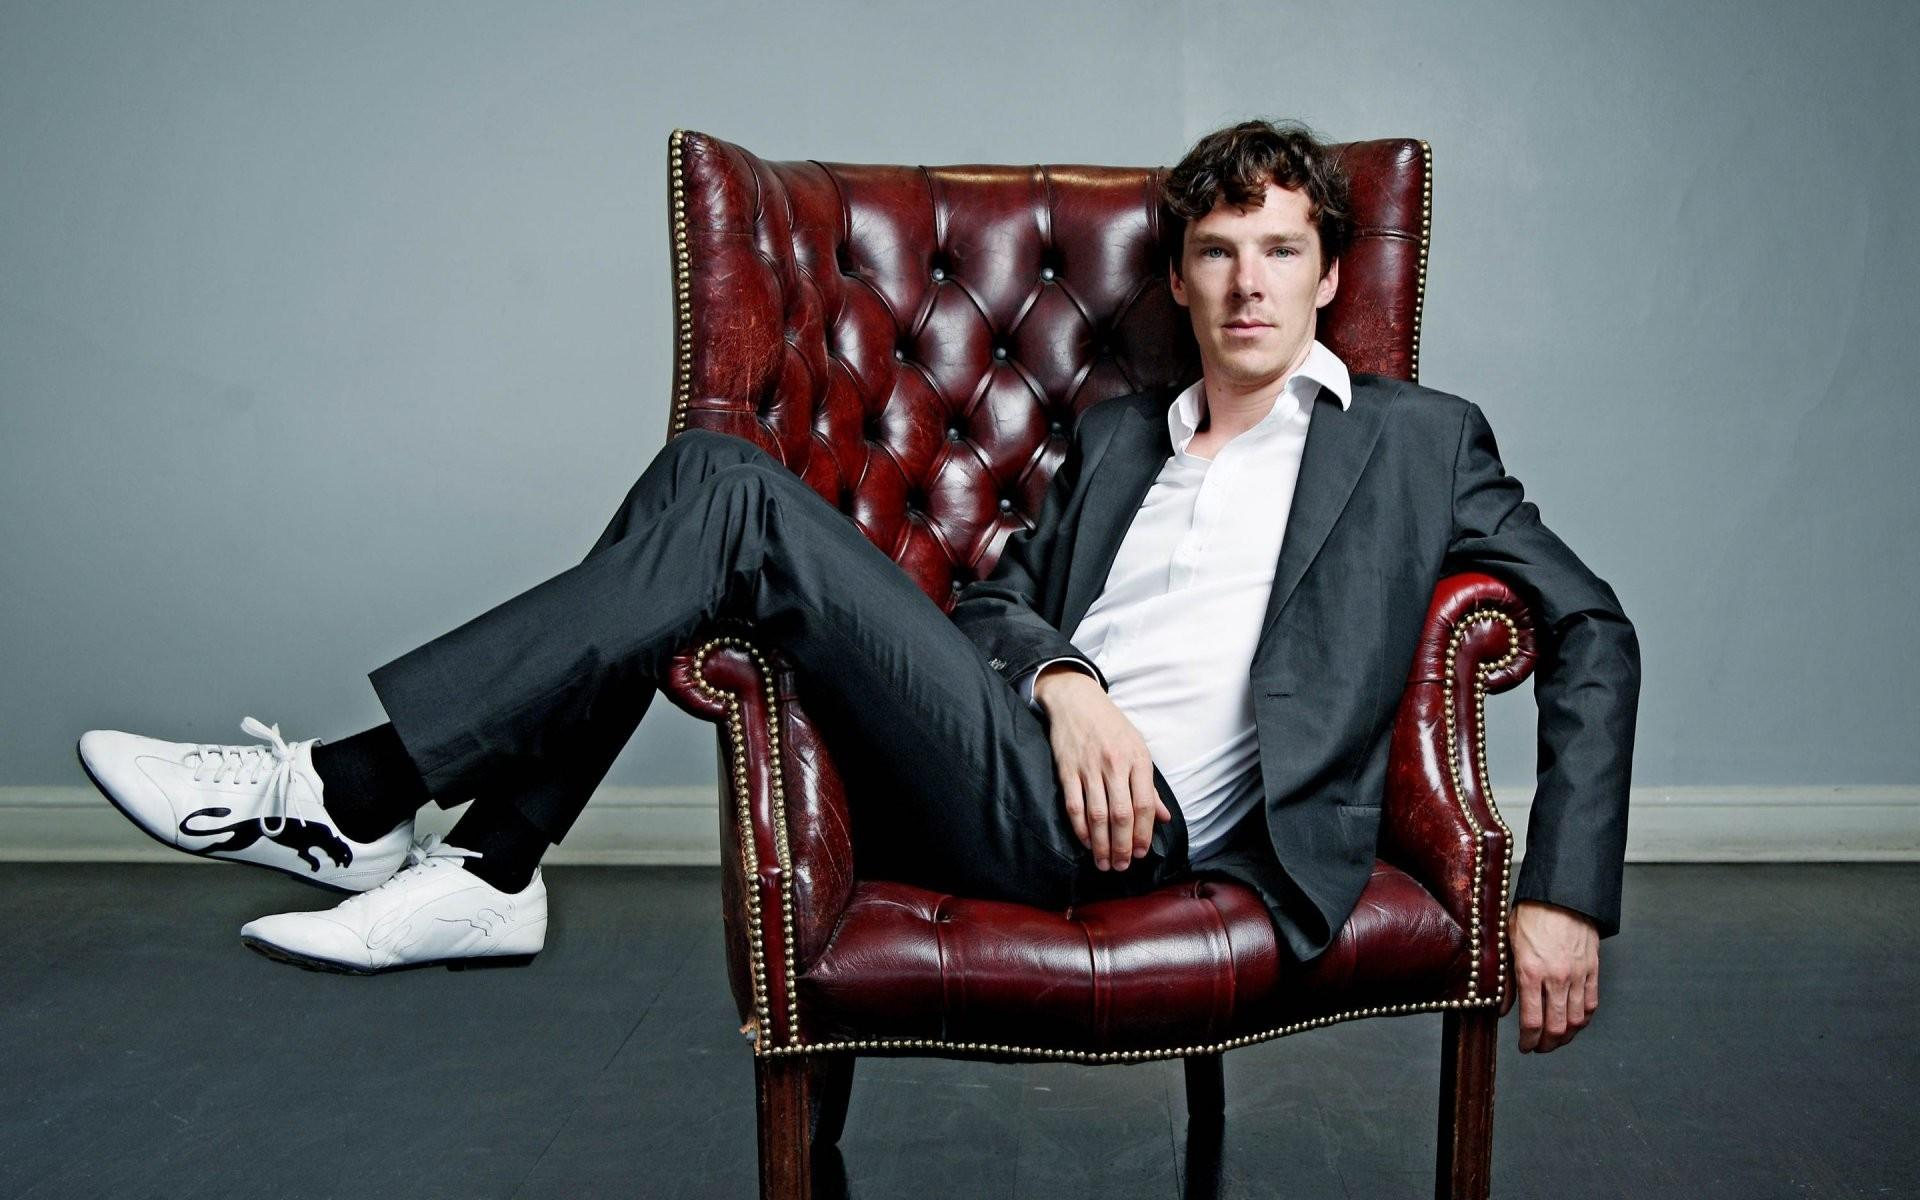 Benedict Cumberbatch sitting look